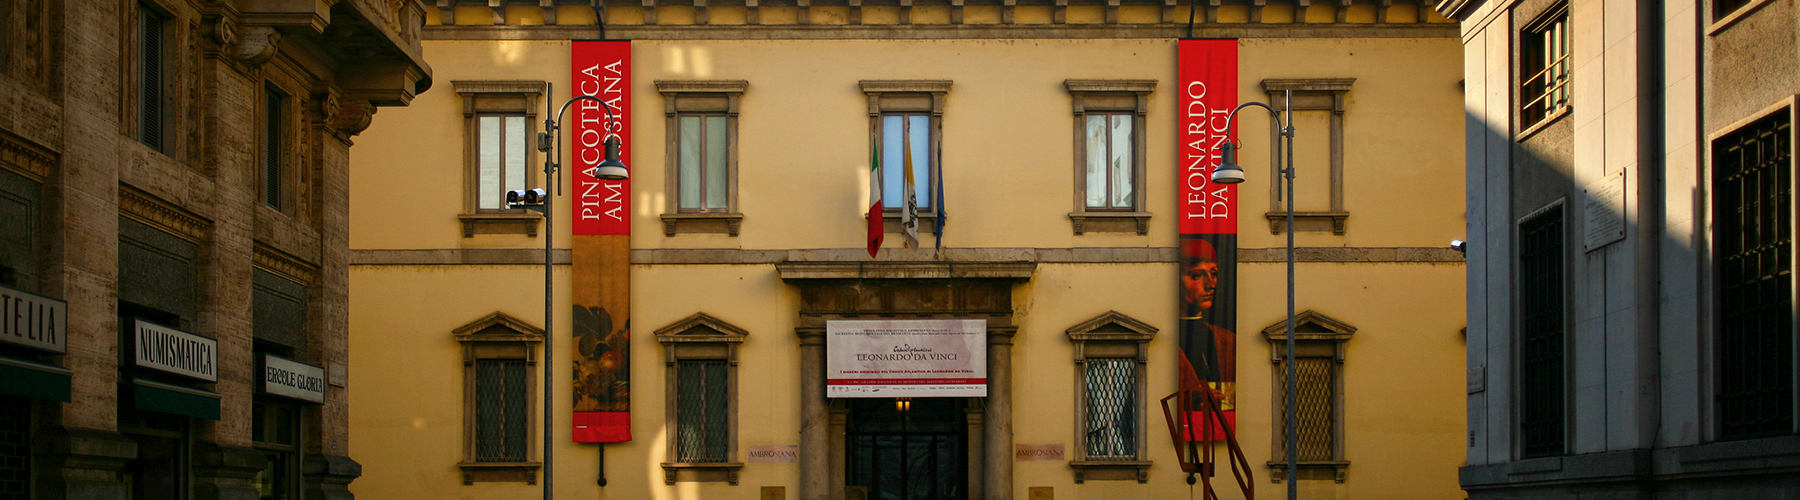 밀라노 - 암브로시아나 미술관에 가까운 아파트. 밀라노의 지도, 밀라노에 위치한 아파트에 대한 사진 및 리뷰.